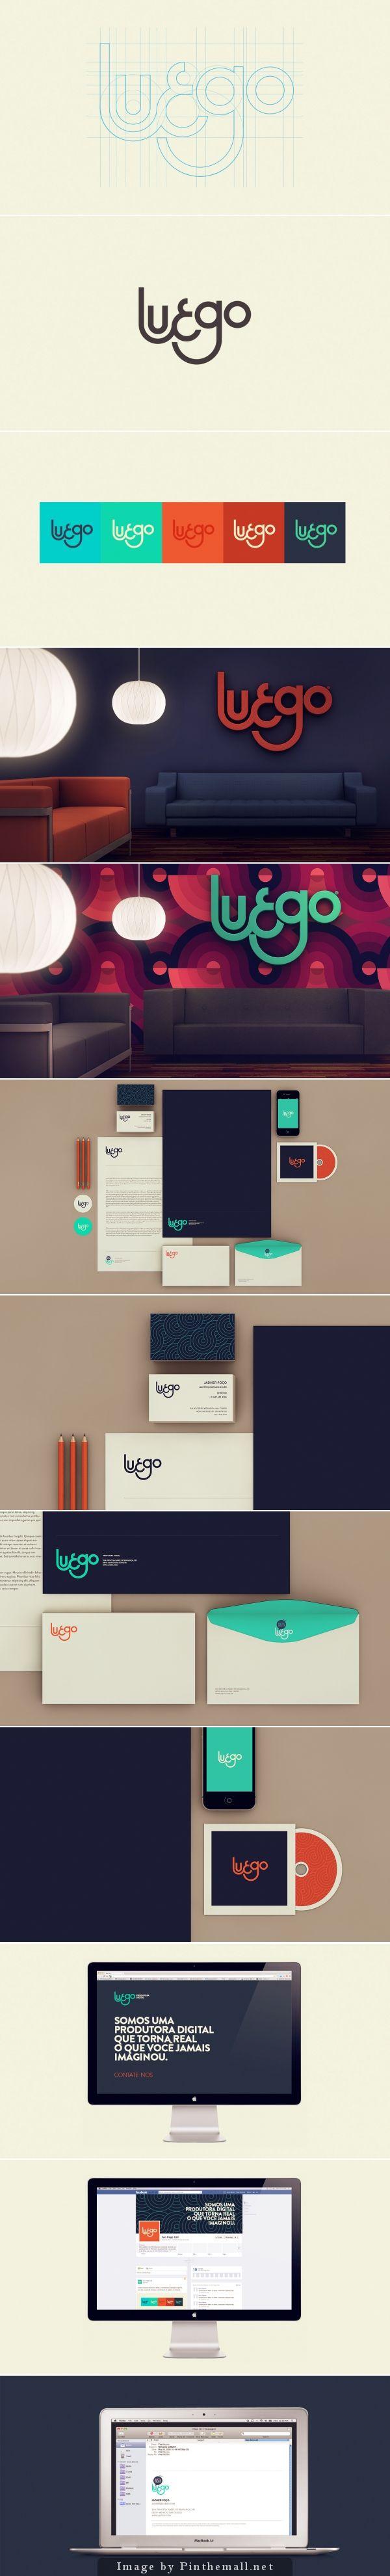 Diseño de Interfaces para medios electrónicos. Luego by Isabela Rodrigues